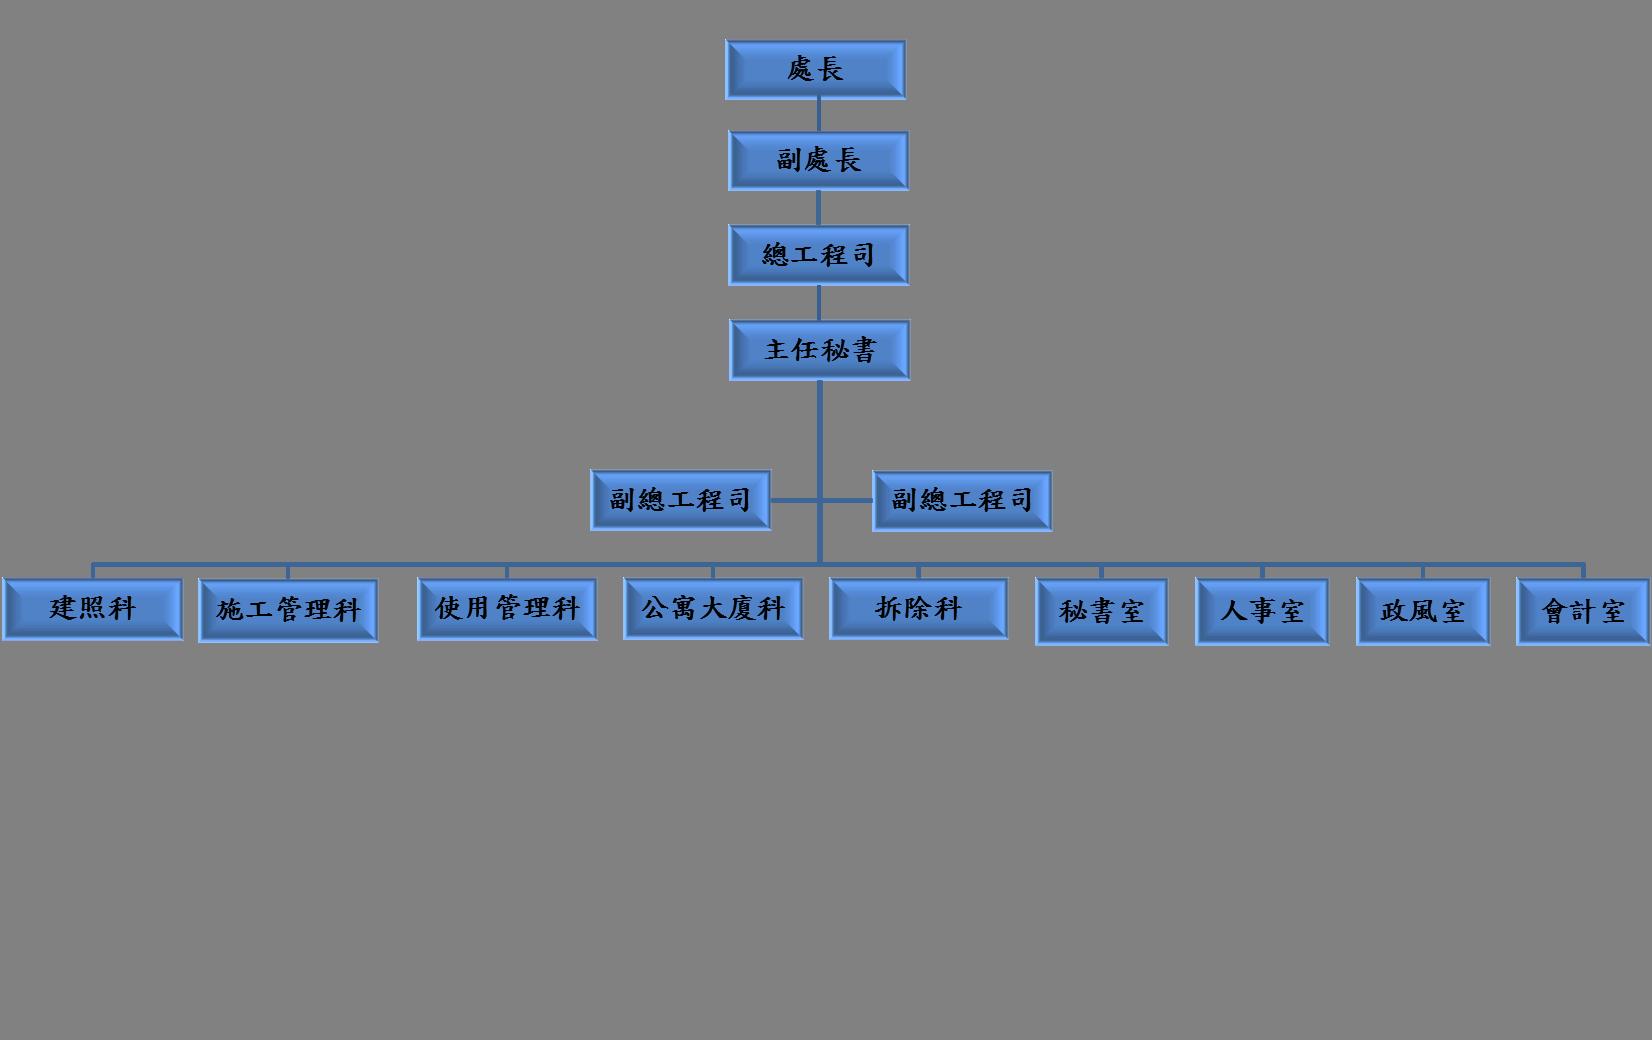 建管處組織架構圖